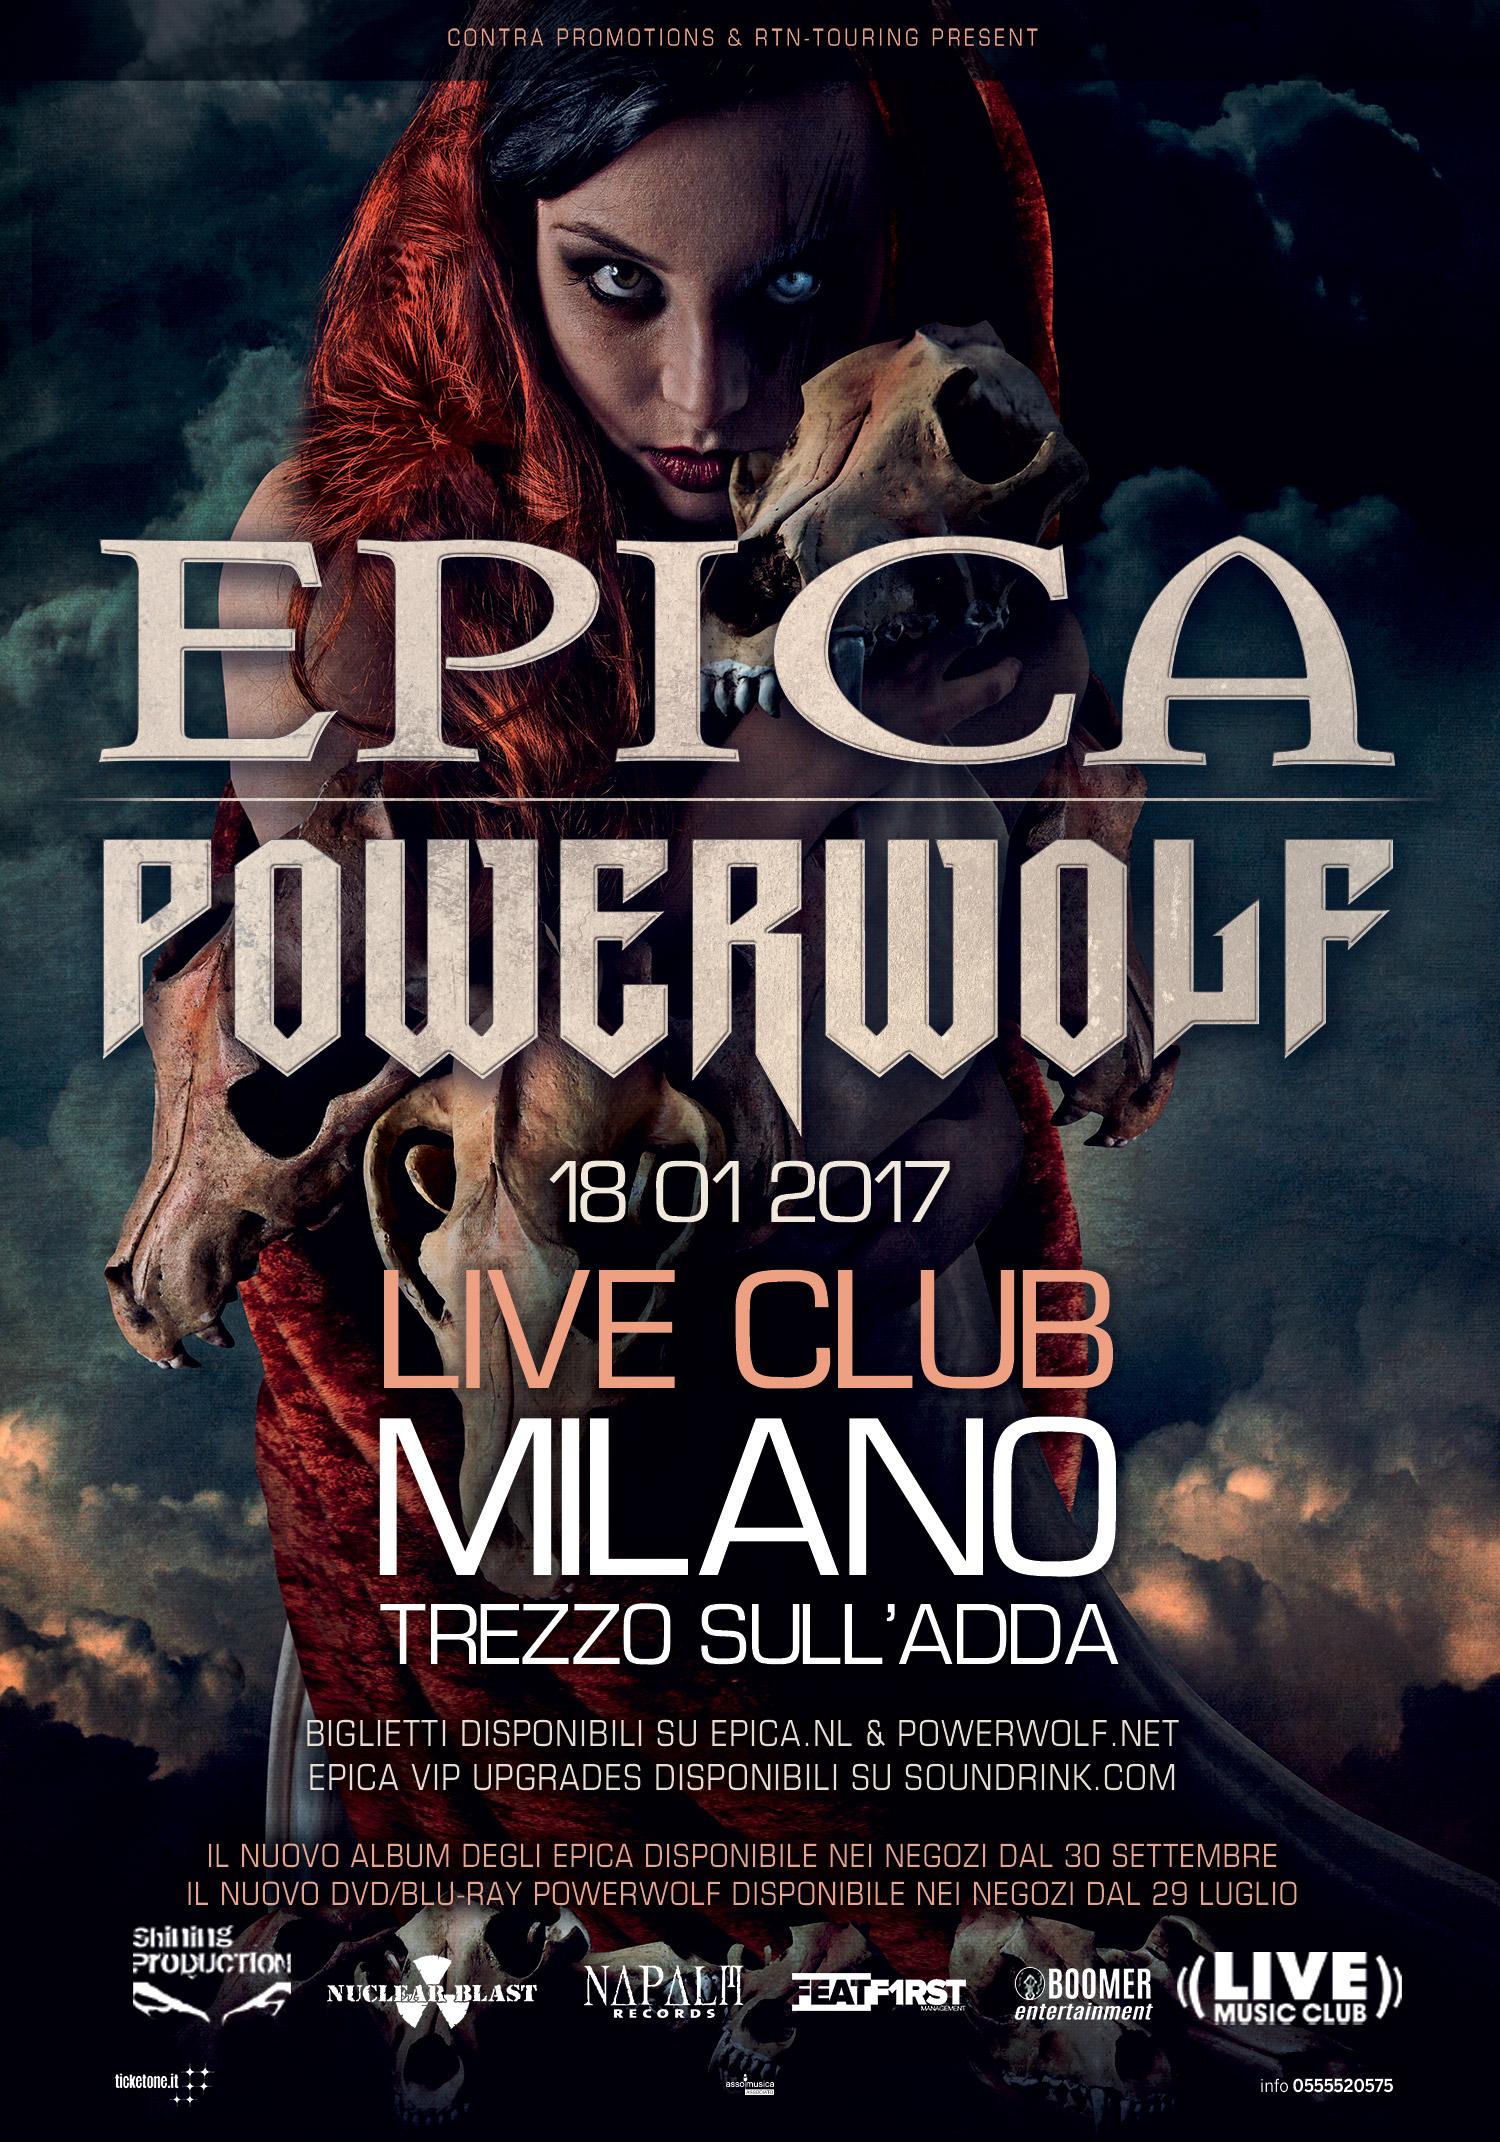 Epica - Powerwolf - Trezzo Sull' Adda - 2017 Promo